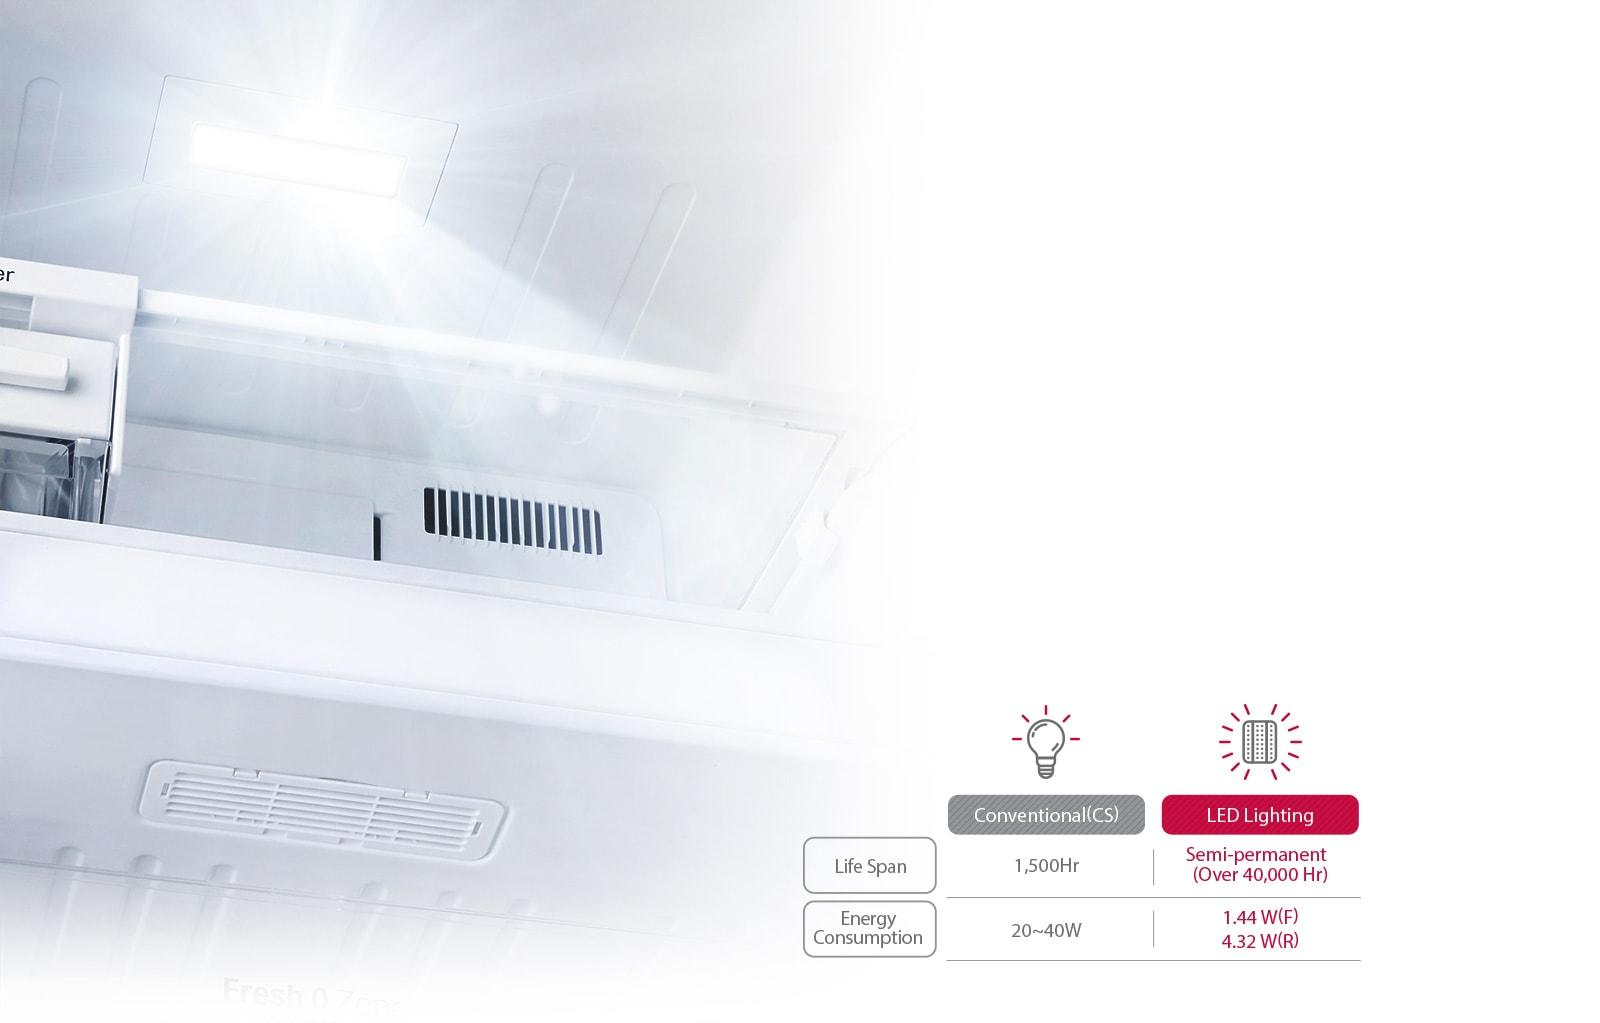 LG GL-T372JPZ3 335 Ltr LED Lighting